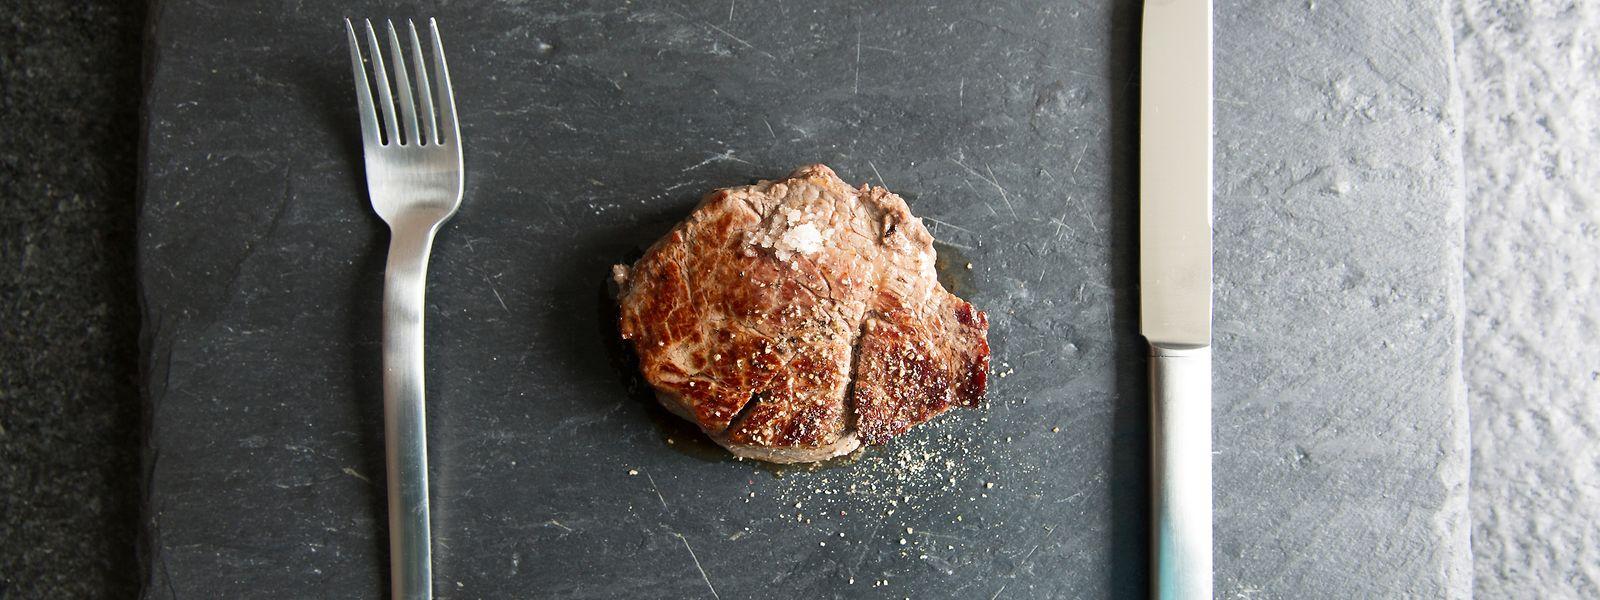 Weniger ist mehr: Statt Quantität sollte man beim Fleischverzehr auf Qualität achten.